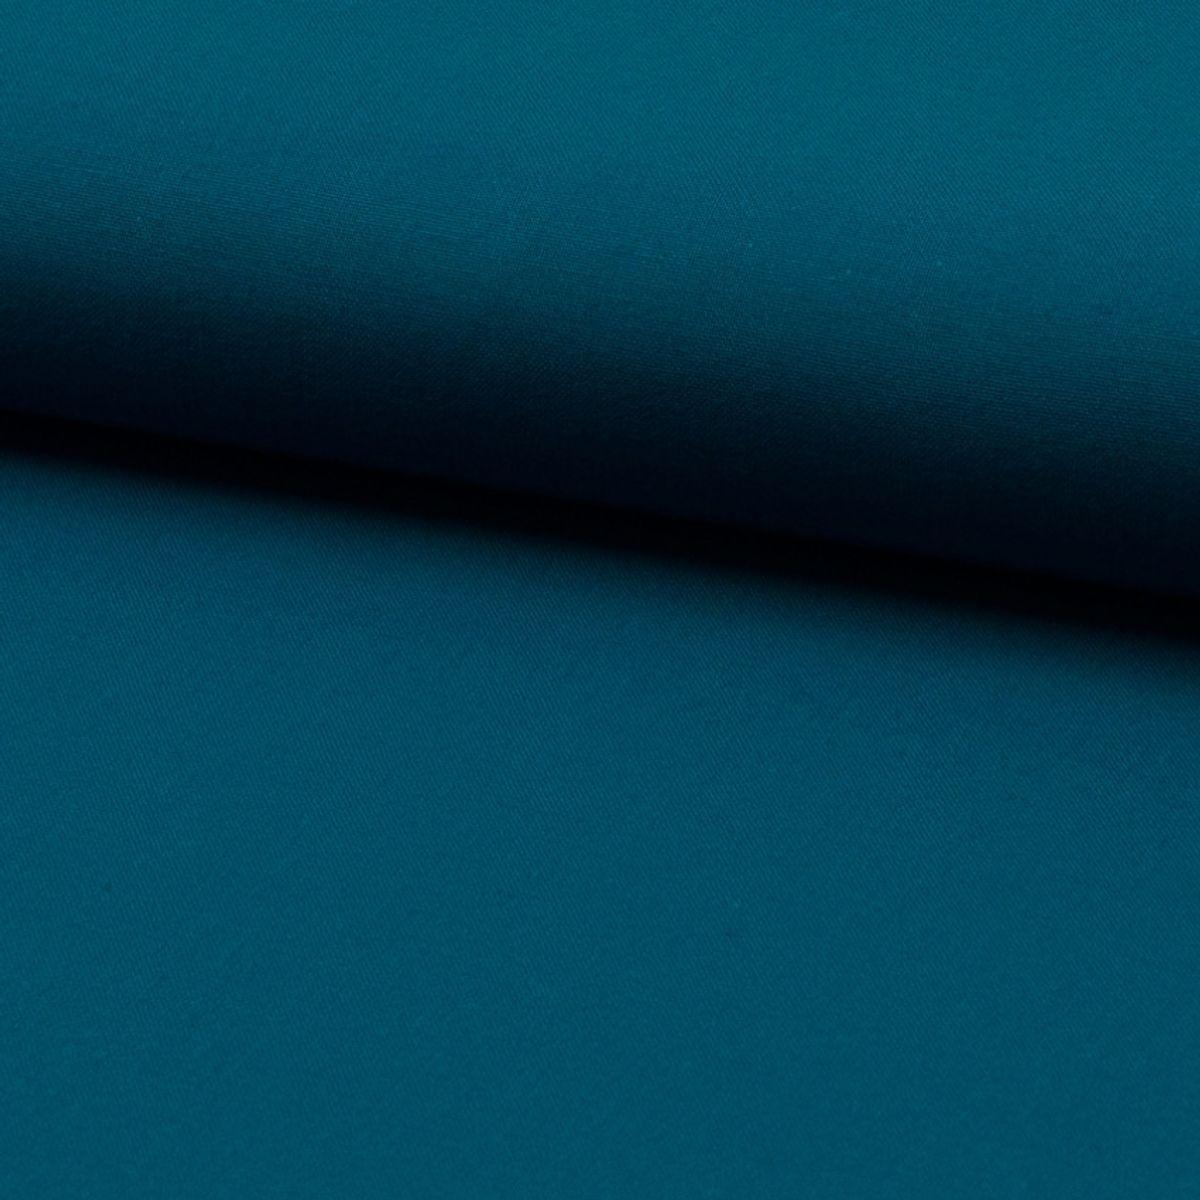 Tissu coton uni - Bleu pétrole